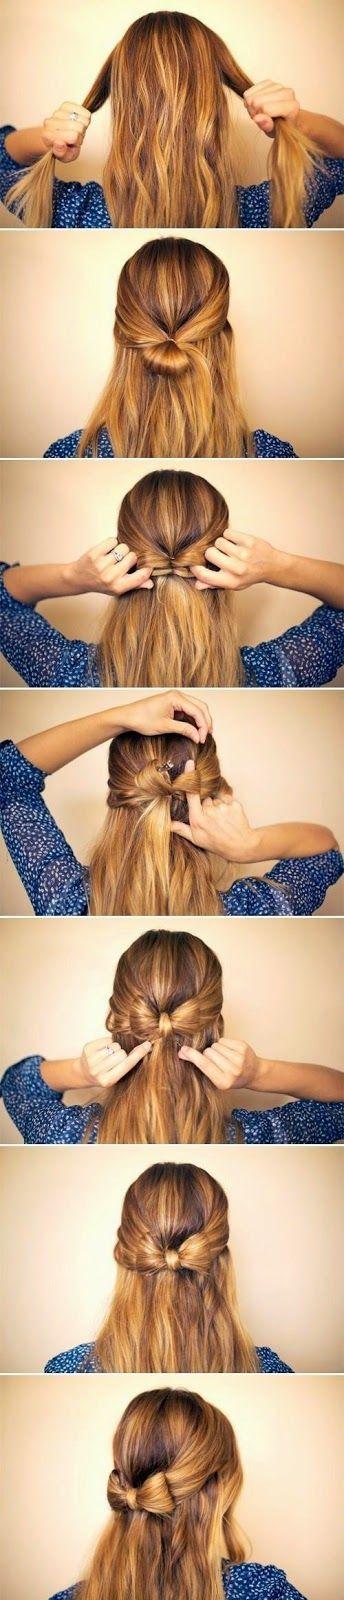 Różne sposoby na proste, szybkie i ładne fryzury :) Zapraszam :)